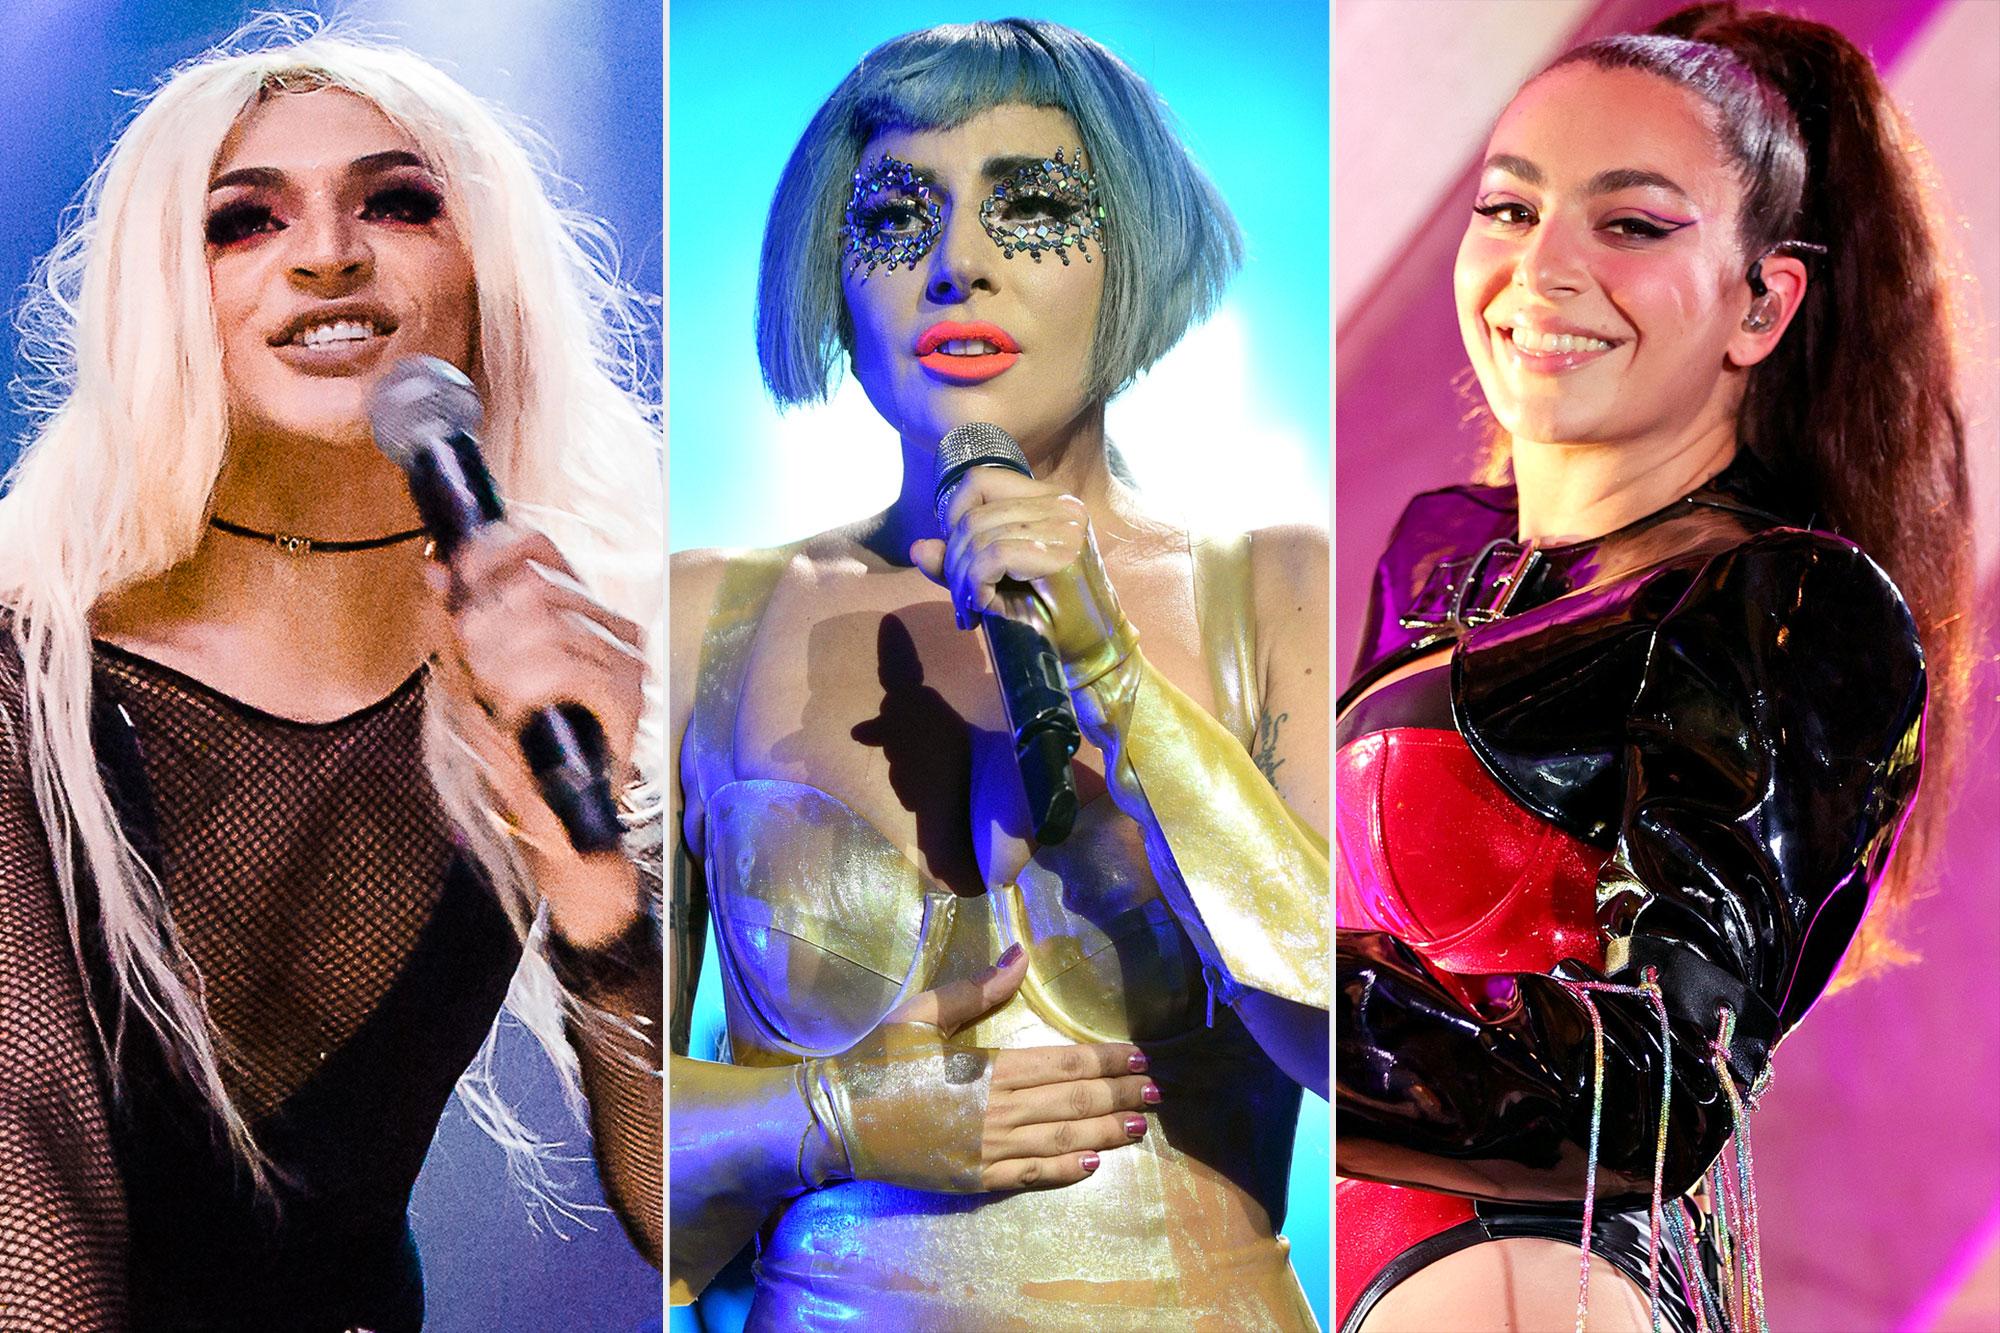 Pablo Vittar; Lady Gaga; Charli XCX